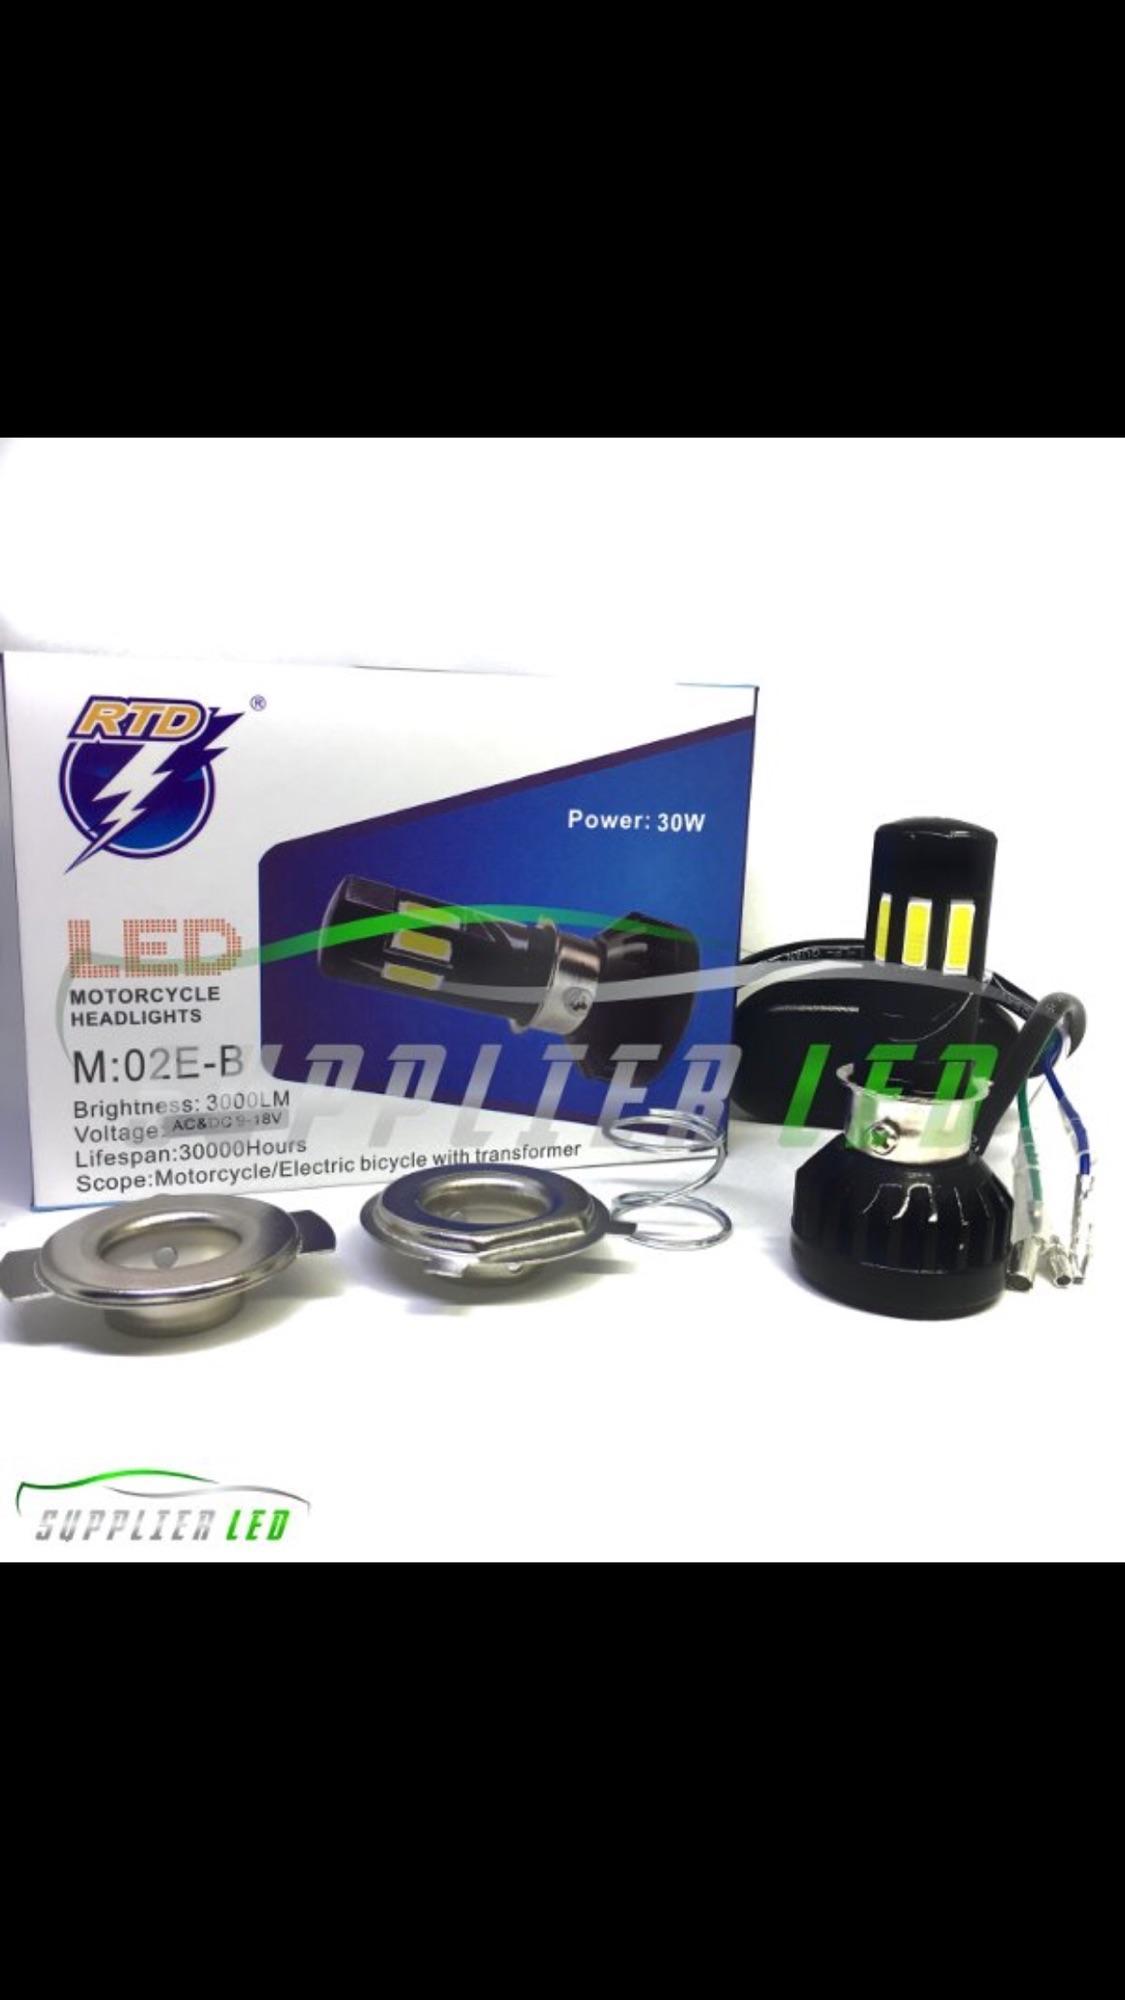 Bohlam Led Hid Motor Terbaru Headlamp Rtd M11p H4 Lampu Utama 6 Sisi Mobil M02e B